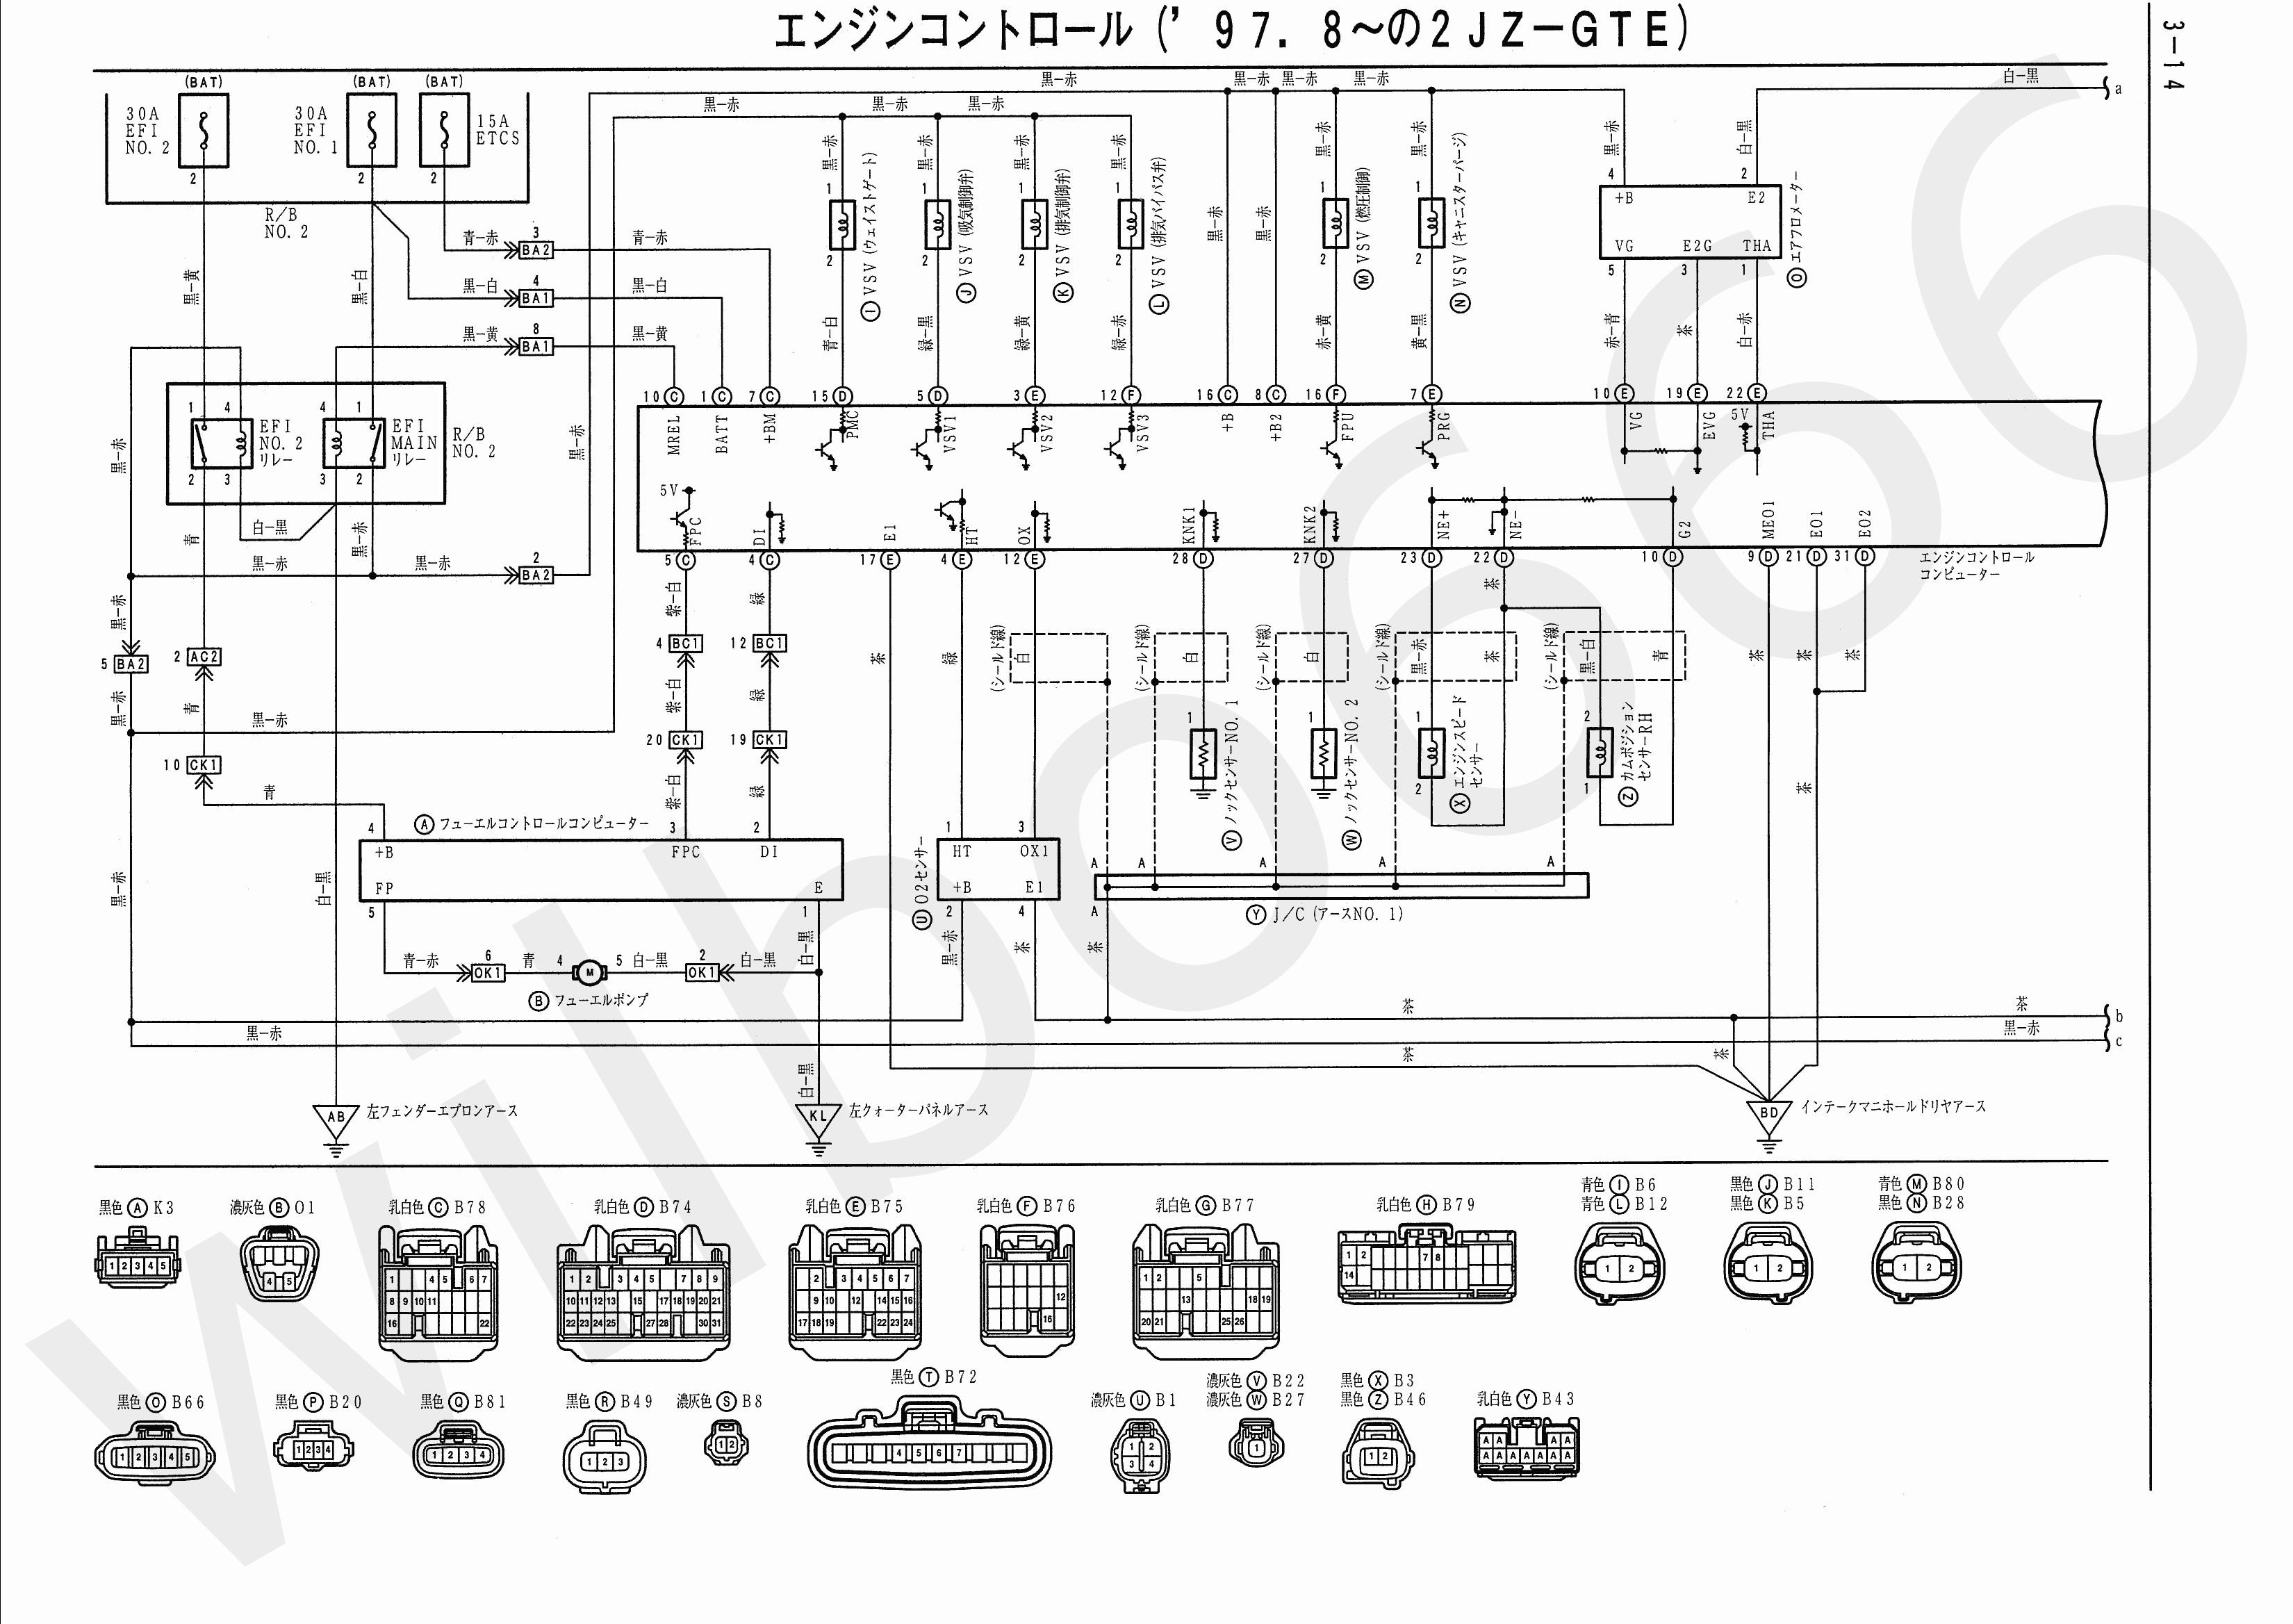 John Deere Lt150 Wiring Diagram Fn 5193] L110 Wiring Diagram Schematic Wiring Of John Deere Lt150 Wiring Diagram